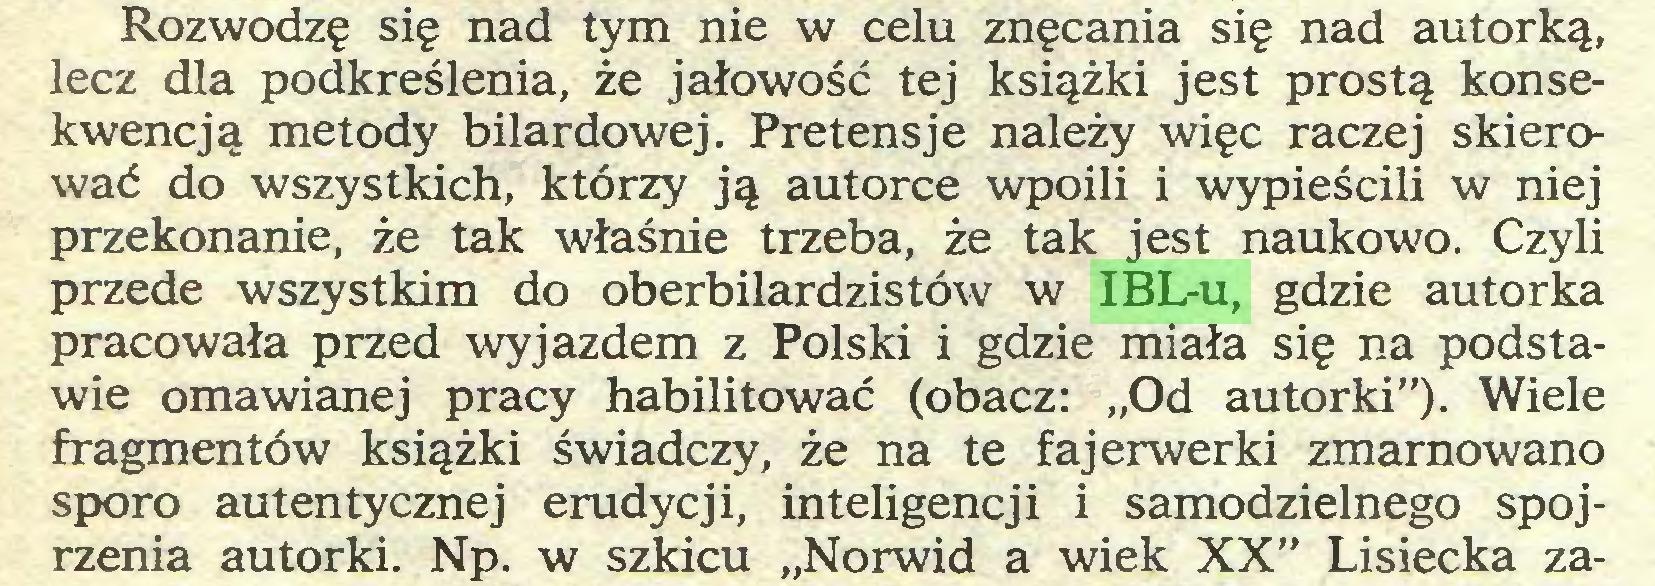 """(...) Rozwodzę się nad tym nie w celu znęcania się nad autorką, lecz dla podkreślenia, że jałowość tej książki jest prostą konsekwencją metody bilardowej. Pretensje należy więc raczej skierować do wszystkich, którzy ją autorce wpoili i wypieścili w niej przekonanie, że tak właśnie trzeba, że tak jest naukowo. Czyli przede wszystkim do oberbilardzistów w IBL-u, gdzie autorka pracowała przed wyjazdem z Polski i gdzie miała się na podstawie omawianej pracy habilitować (obacz: """"Od autorki""""). Wiele fragmentów książki świadczy, że na te fajerwerki zmarnowano sporo autentycznej erudycji, inteligencji i samodzielnego spojrzenia autorki. Np. w szkicu """"Norwid a wiek XX"""" Lisiecka za..."""